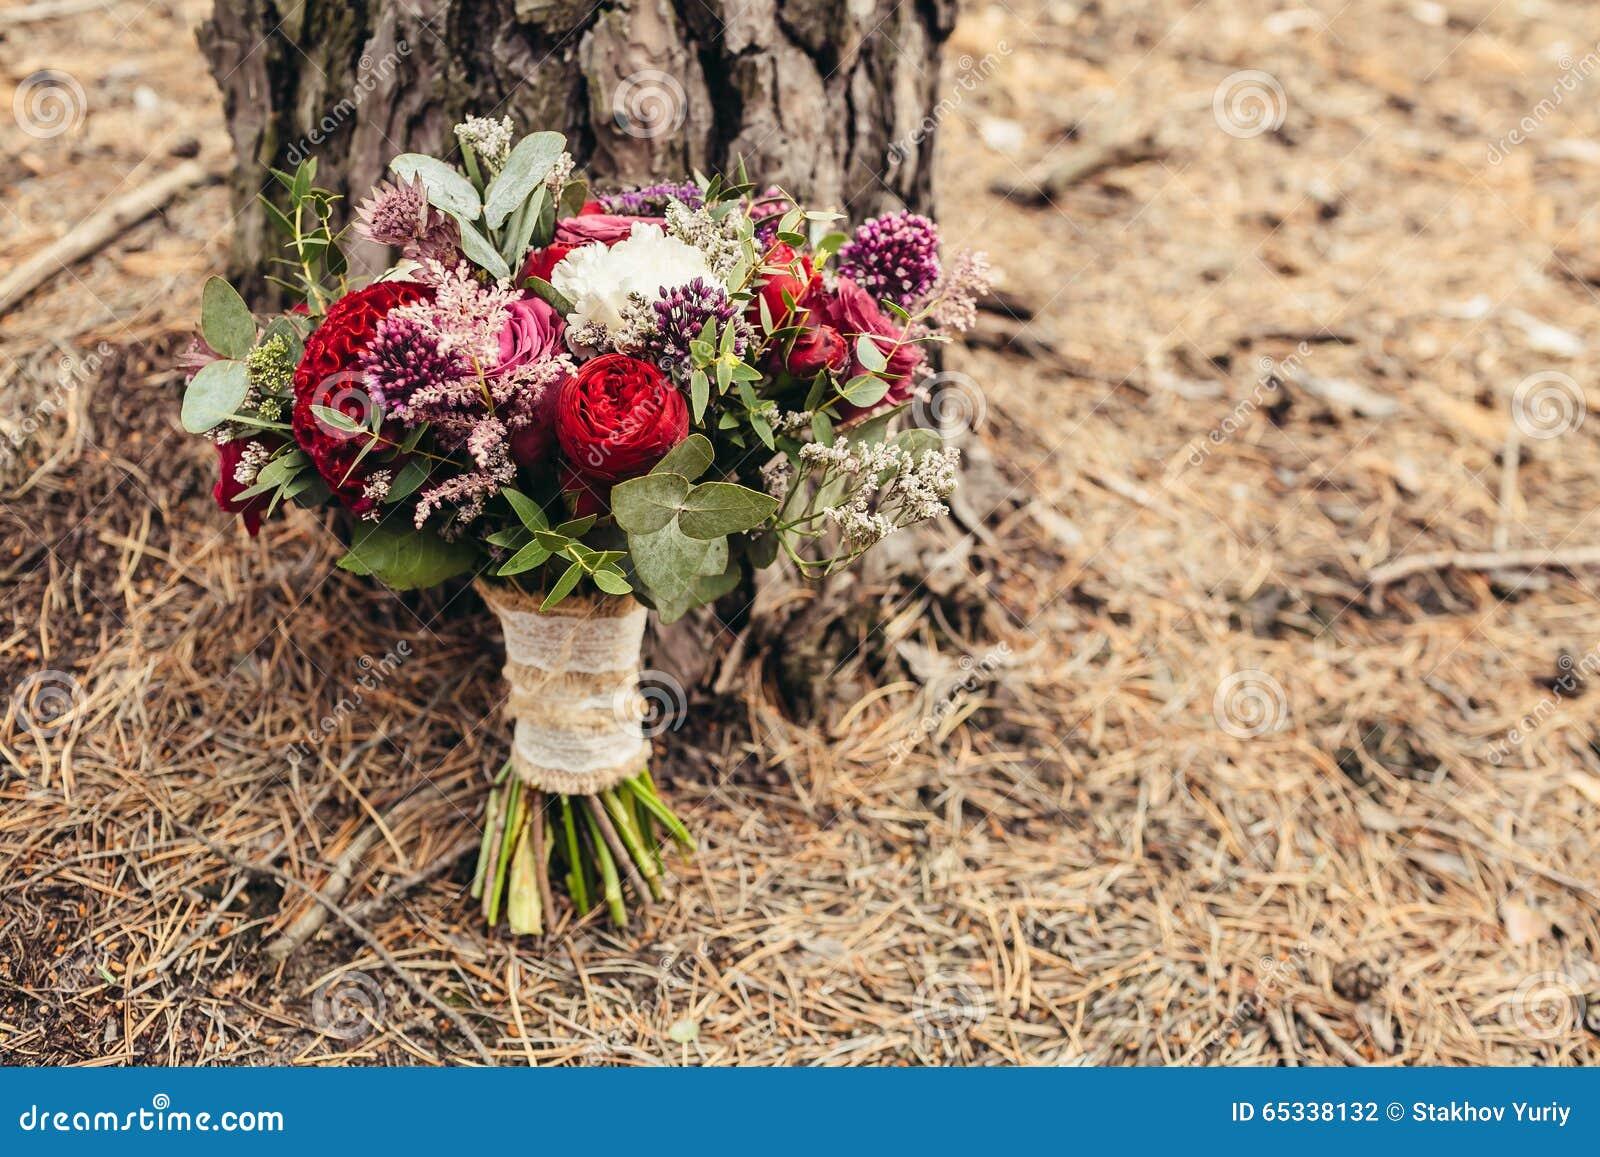 Красная роза свадебный букет #2